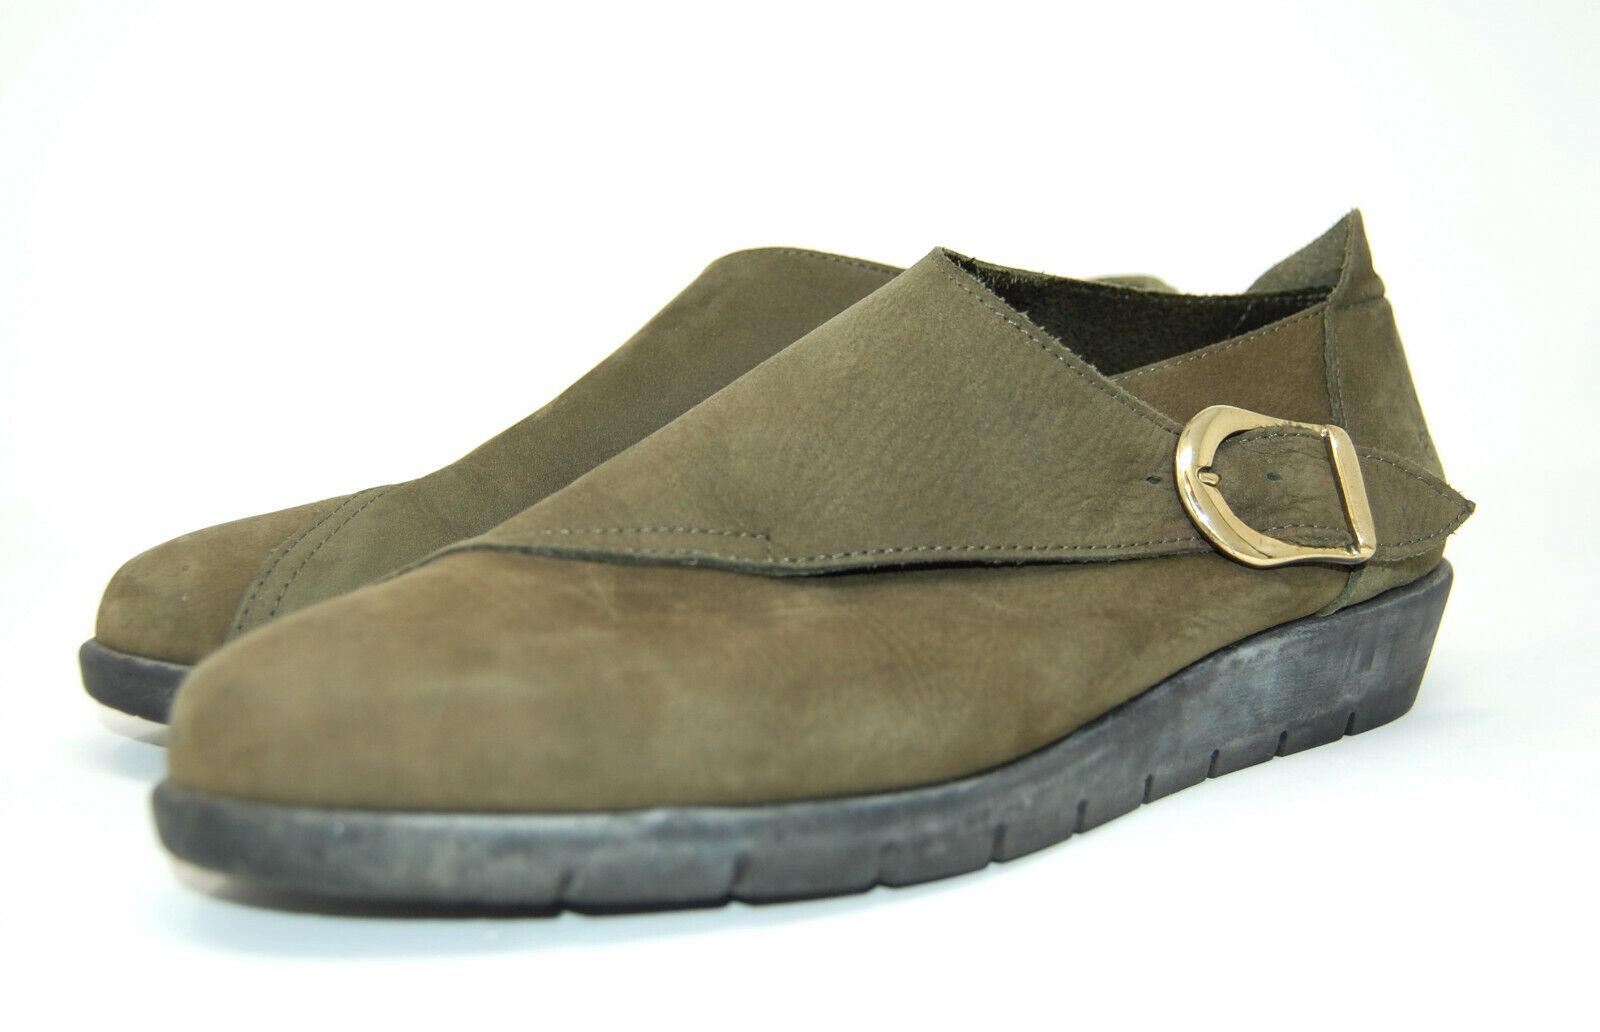 ARCHE gjorde i Frankrike skor fotbojor, spänne, grönt 39